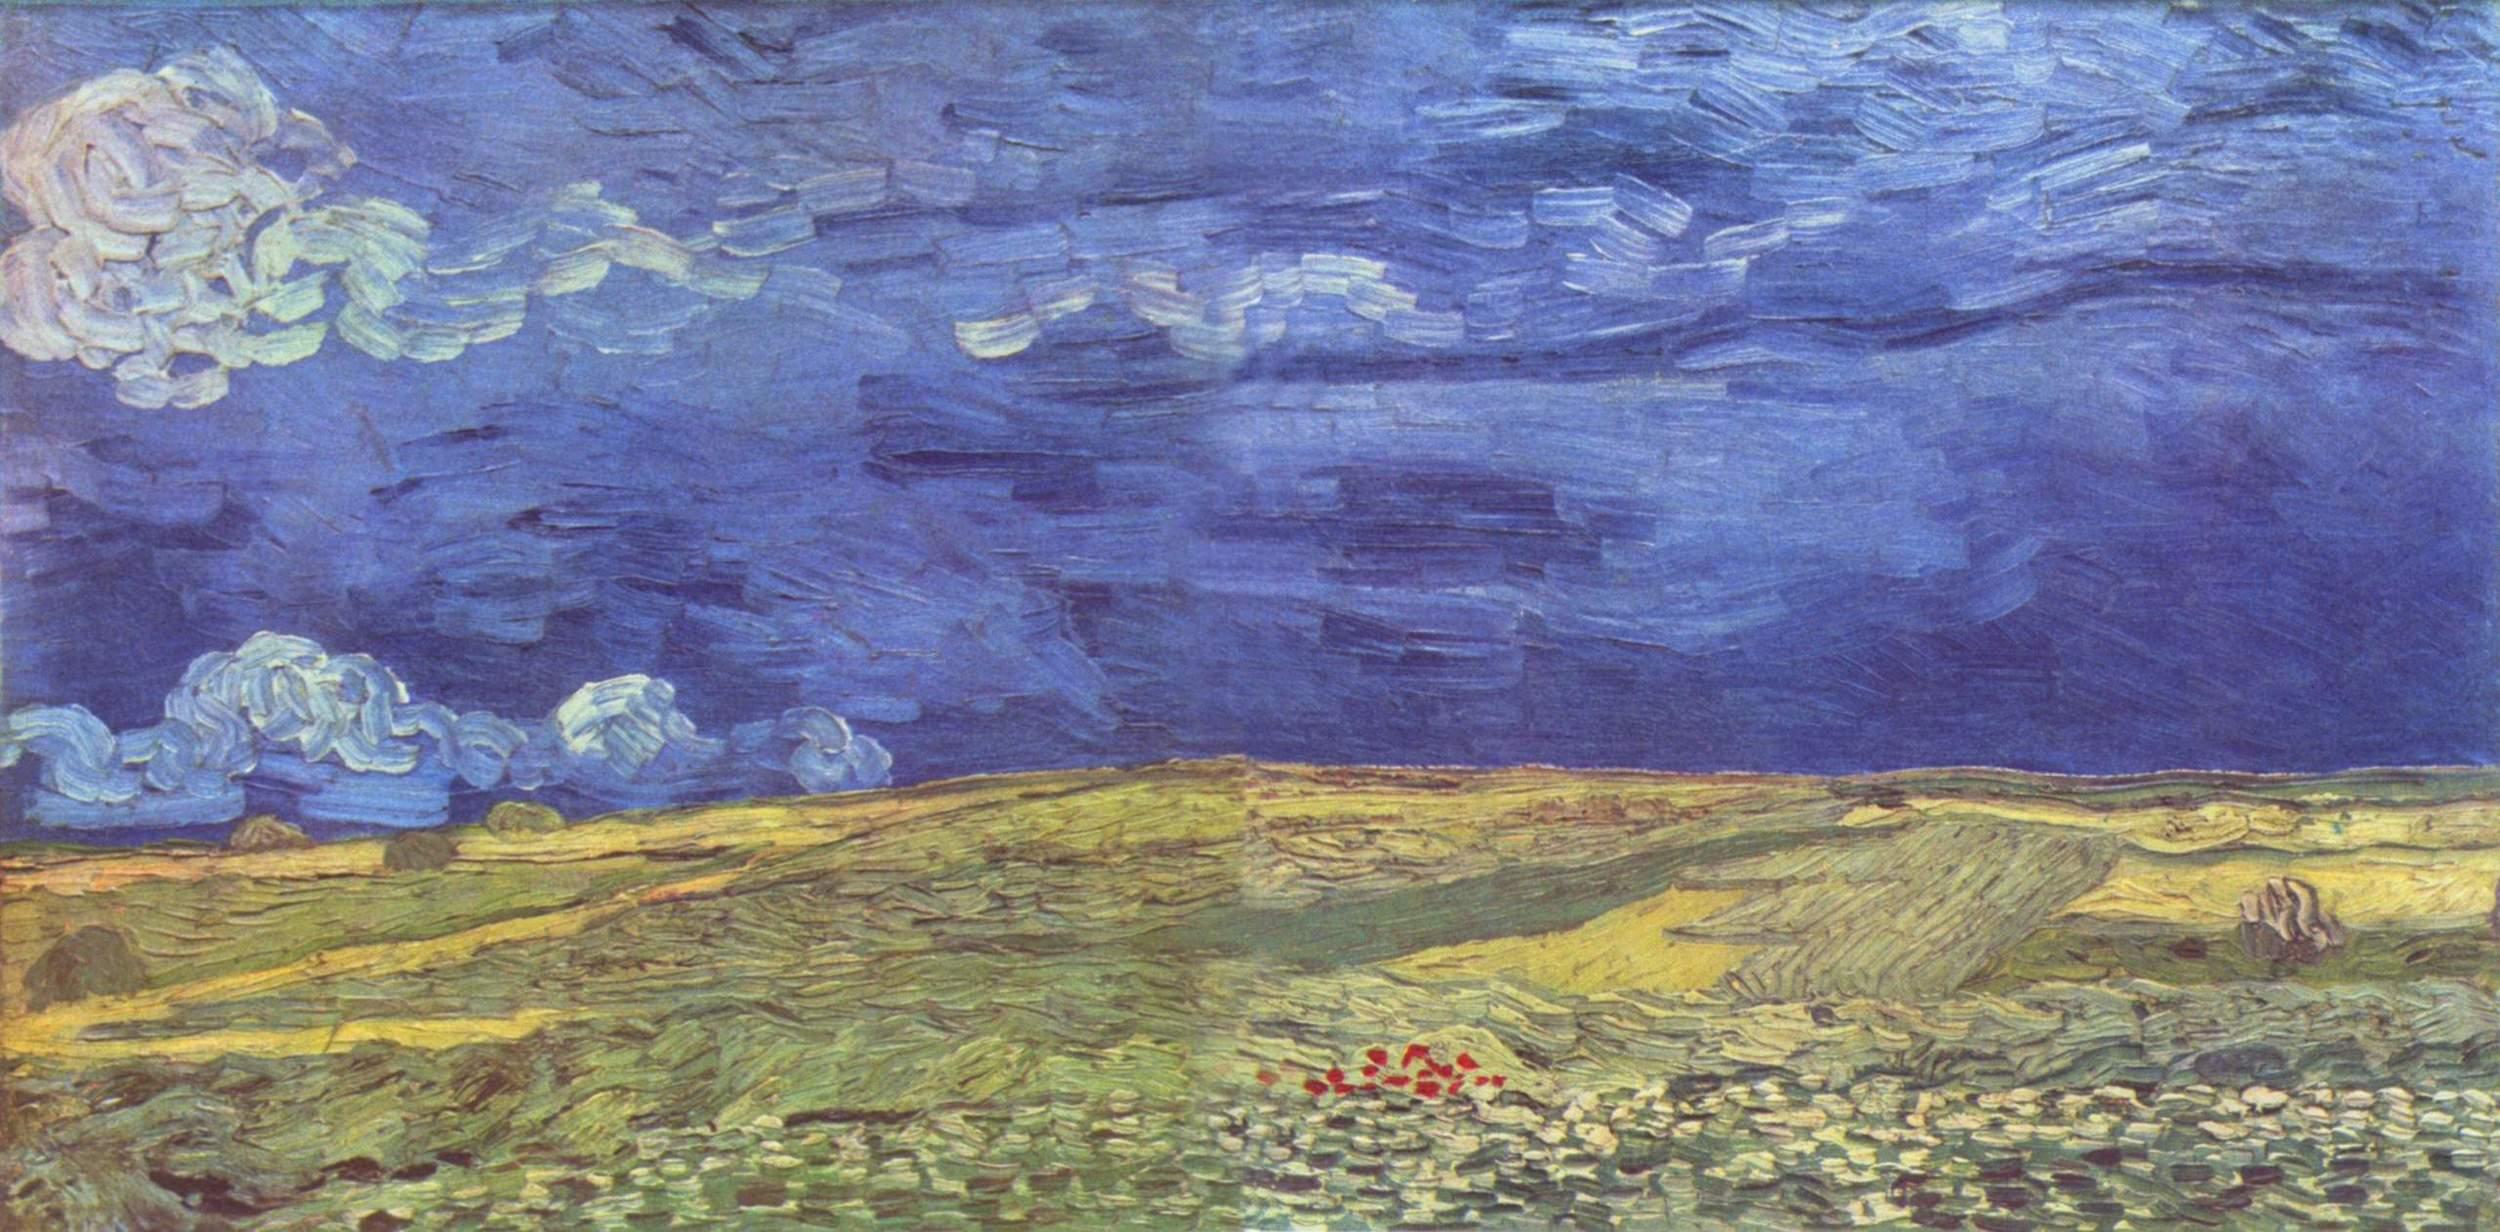 Original Van Gogh painting, Wheat Field Under Clouded Skies